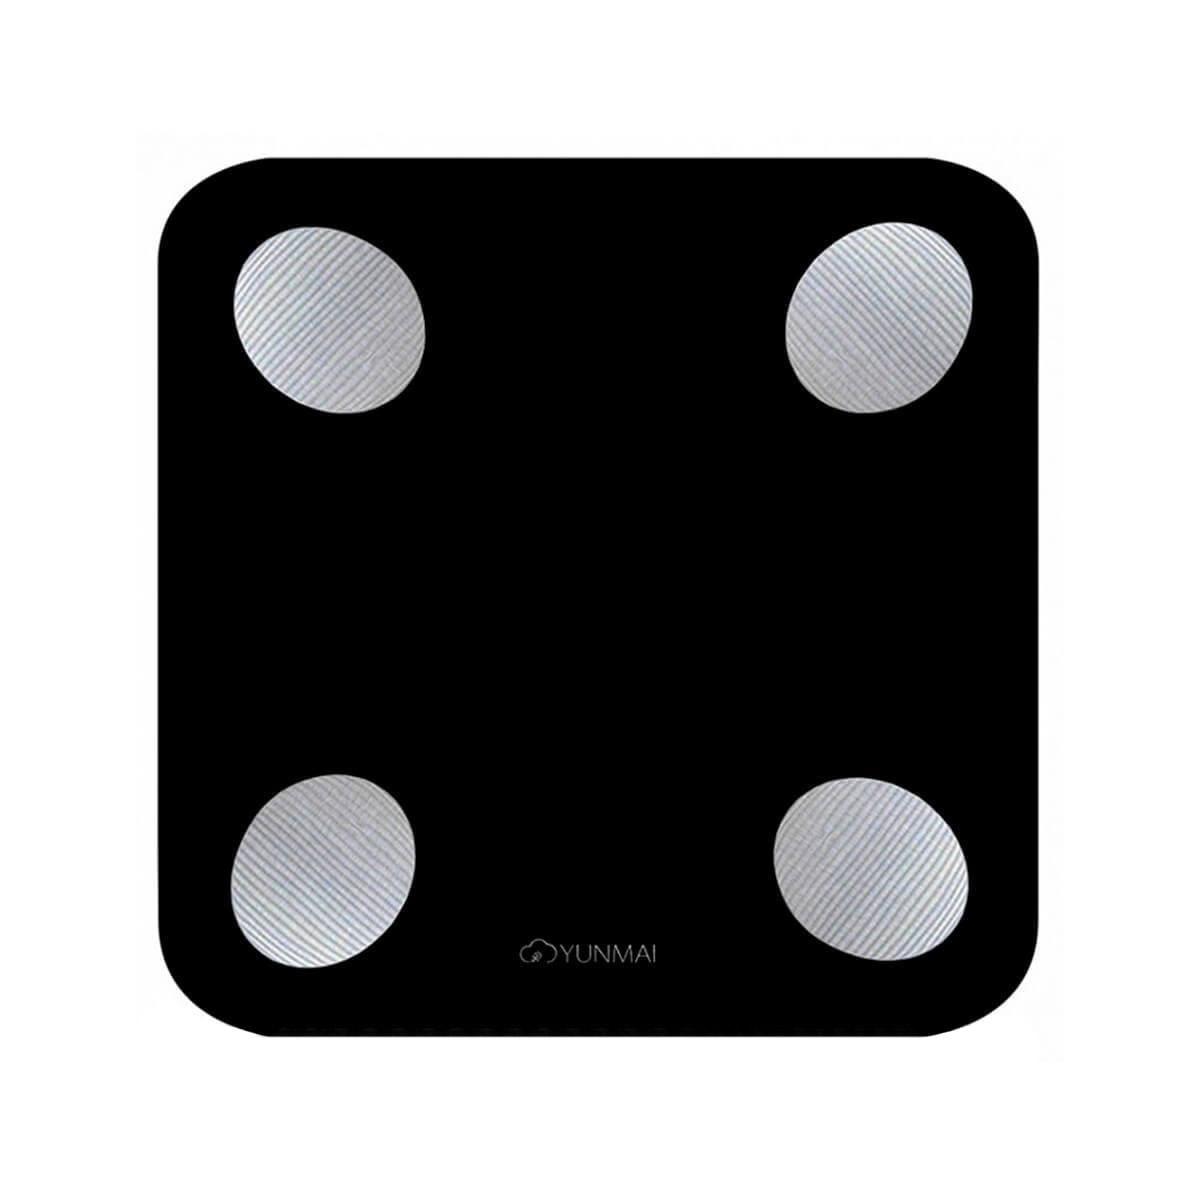 Умные весы YUNMAI Balance M1690 черные